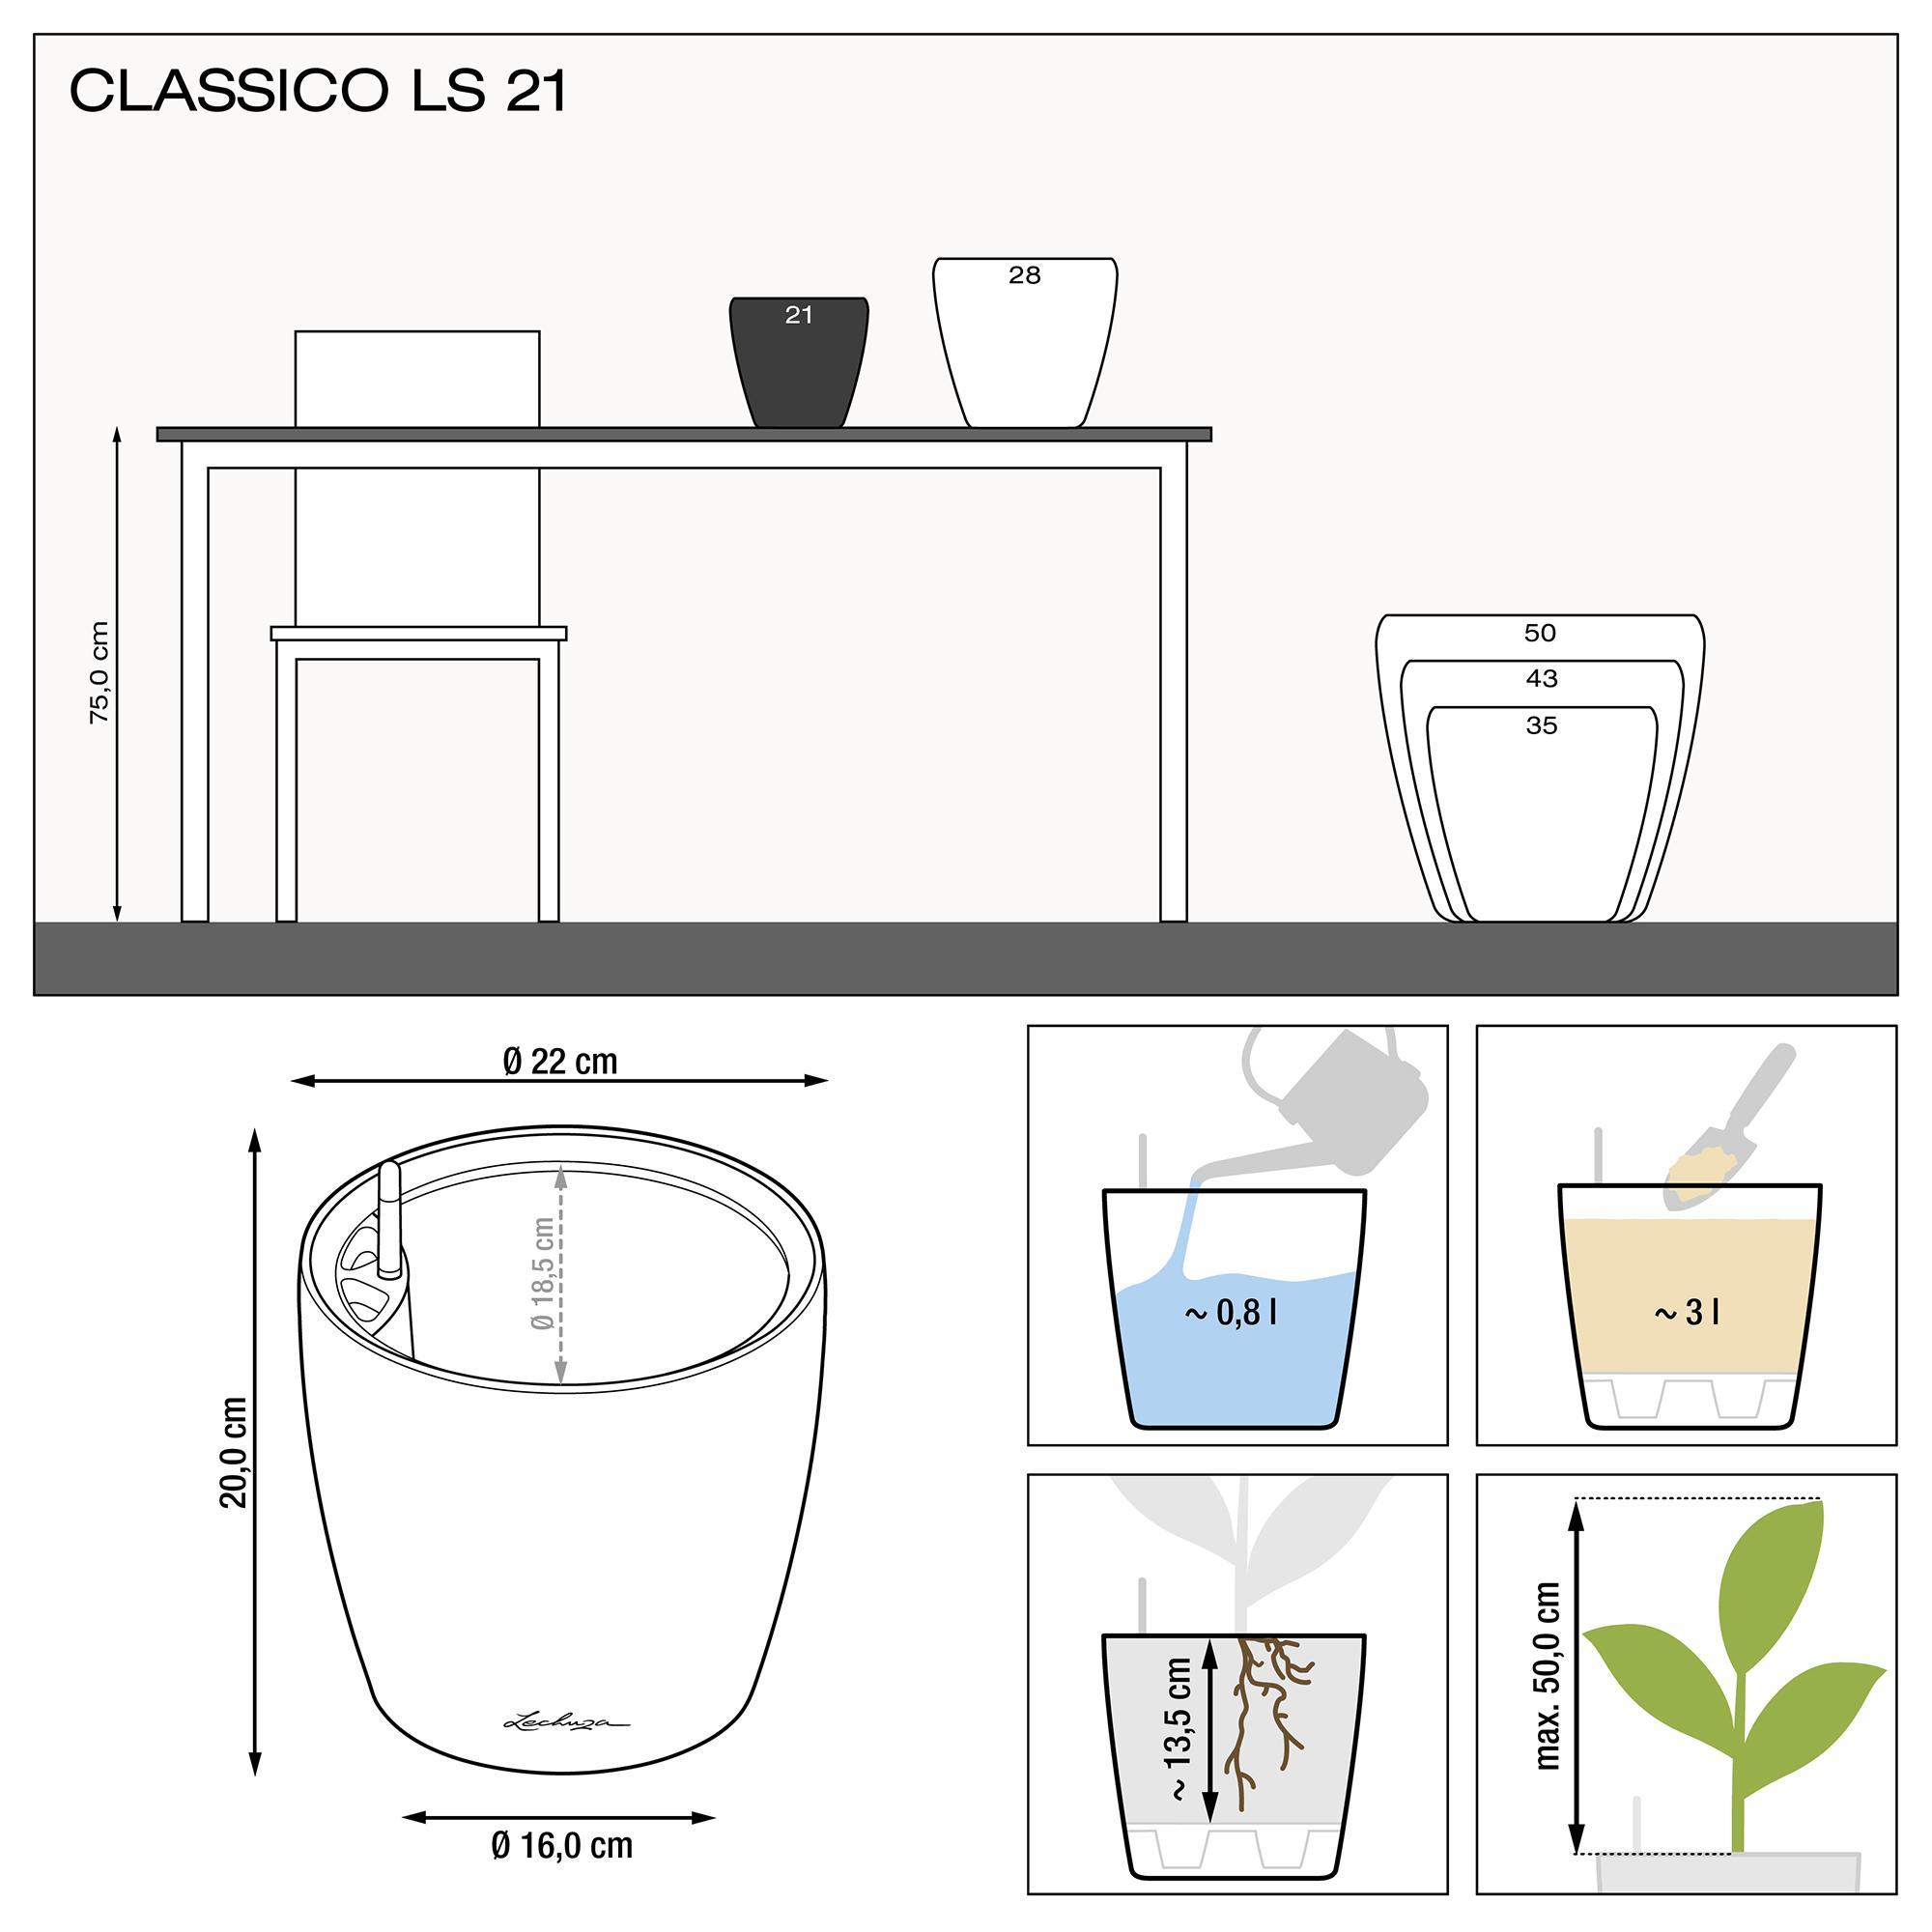 le_classico-ls21_product_addi_nz